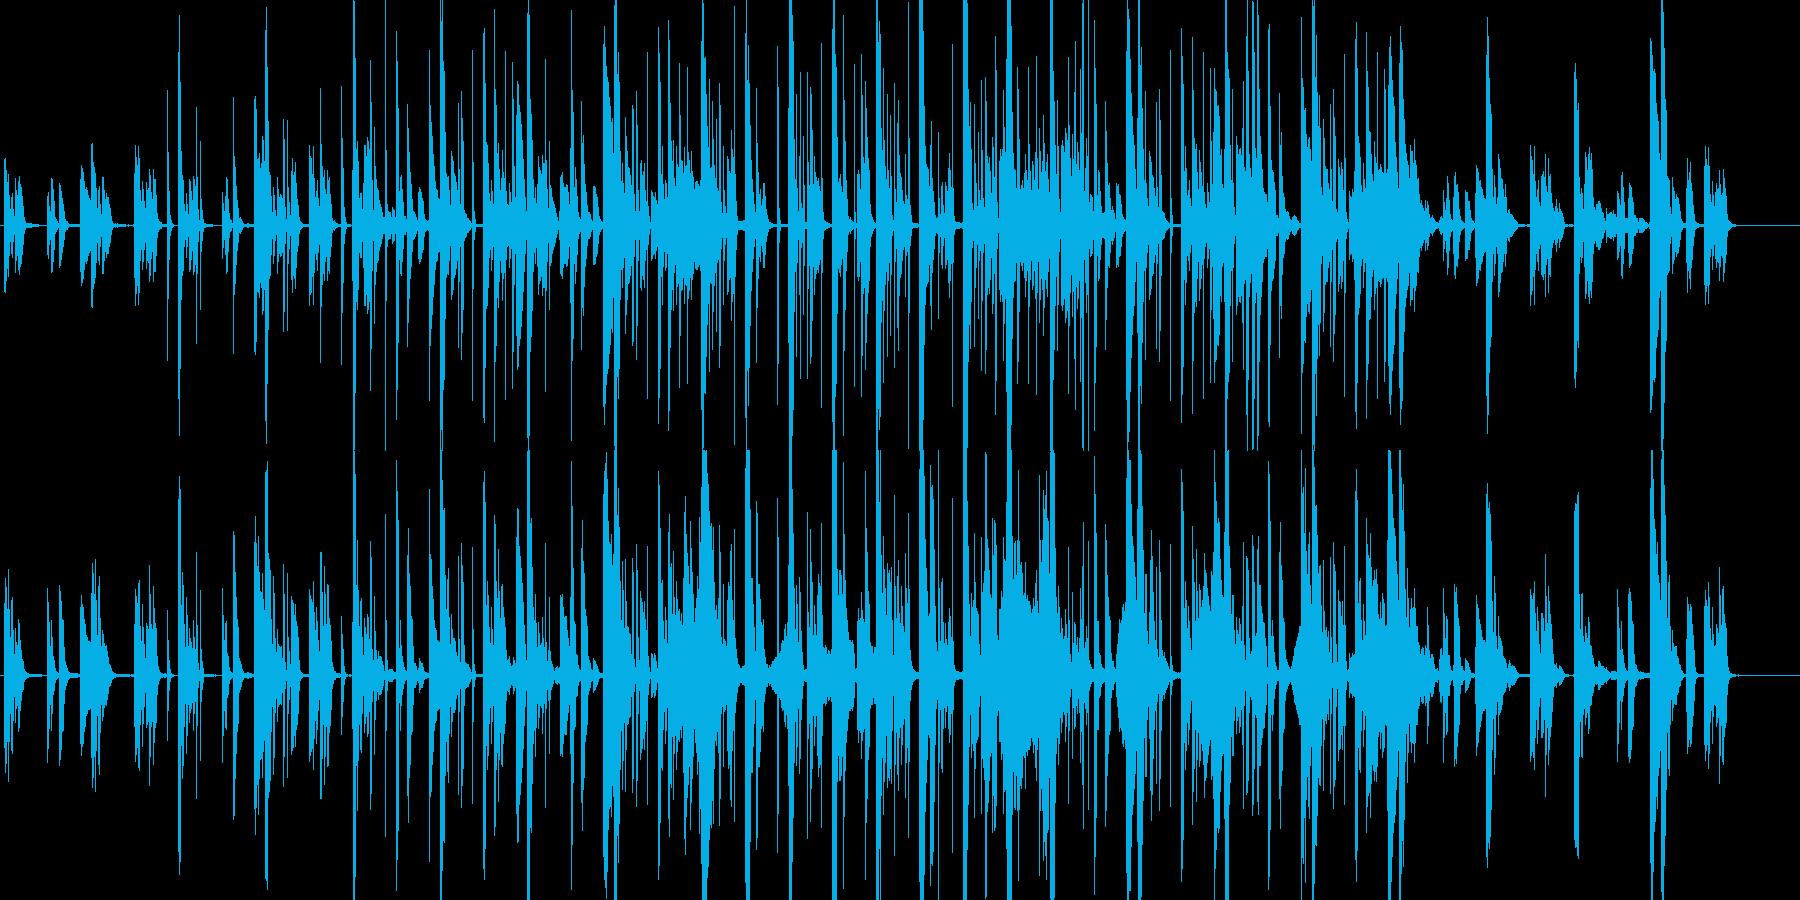 ピアノを主旋律とした透明感あるエレクトロの再生済みの波形